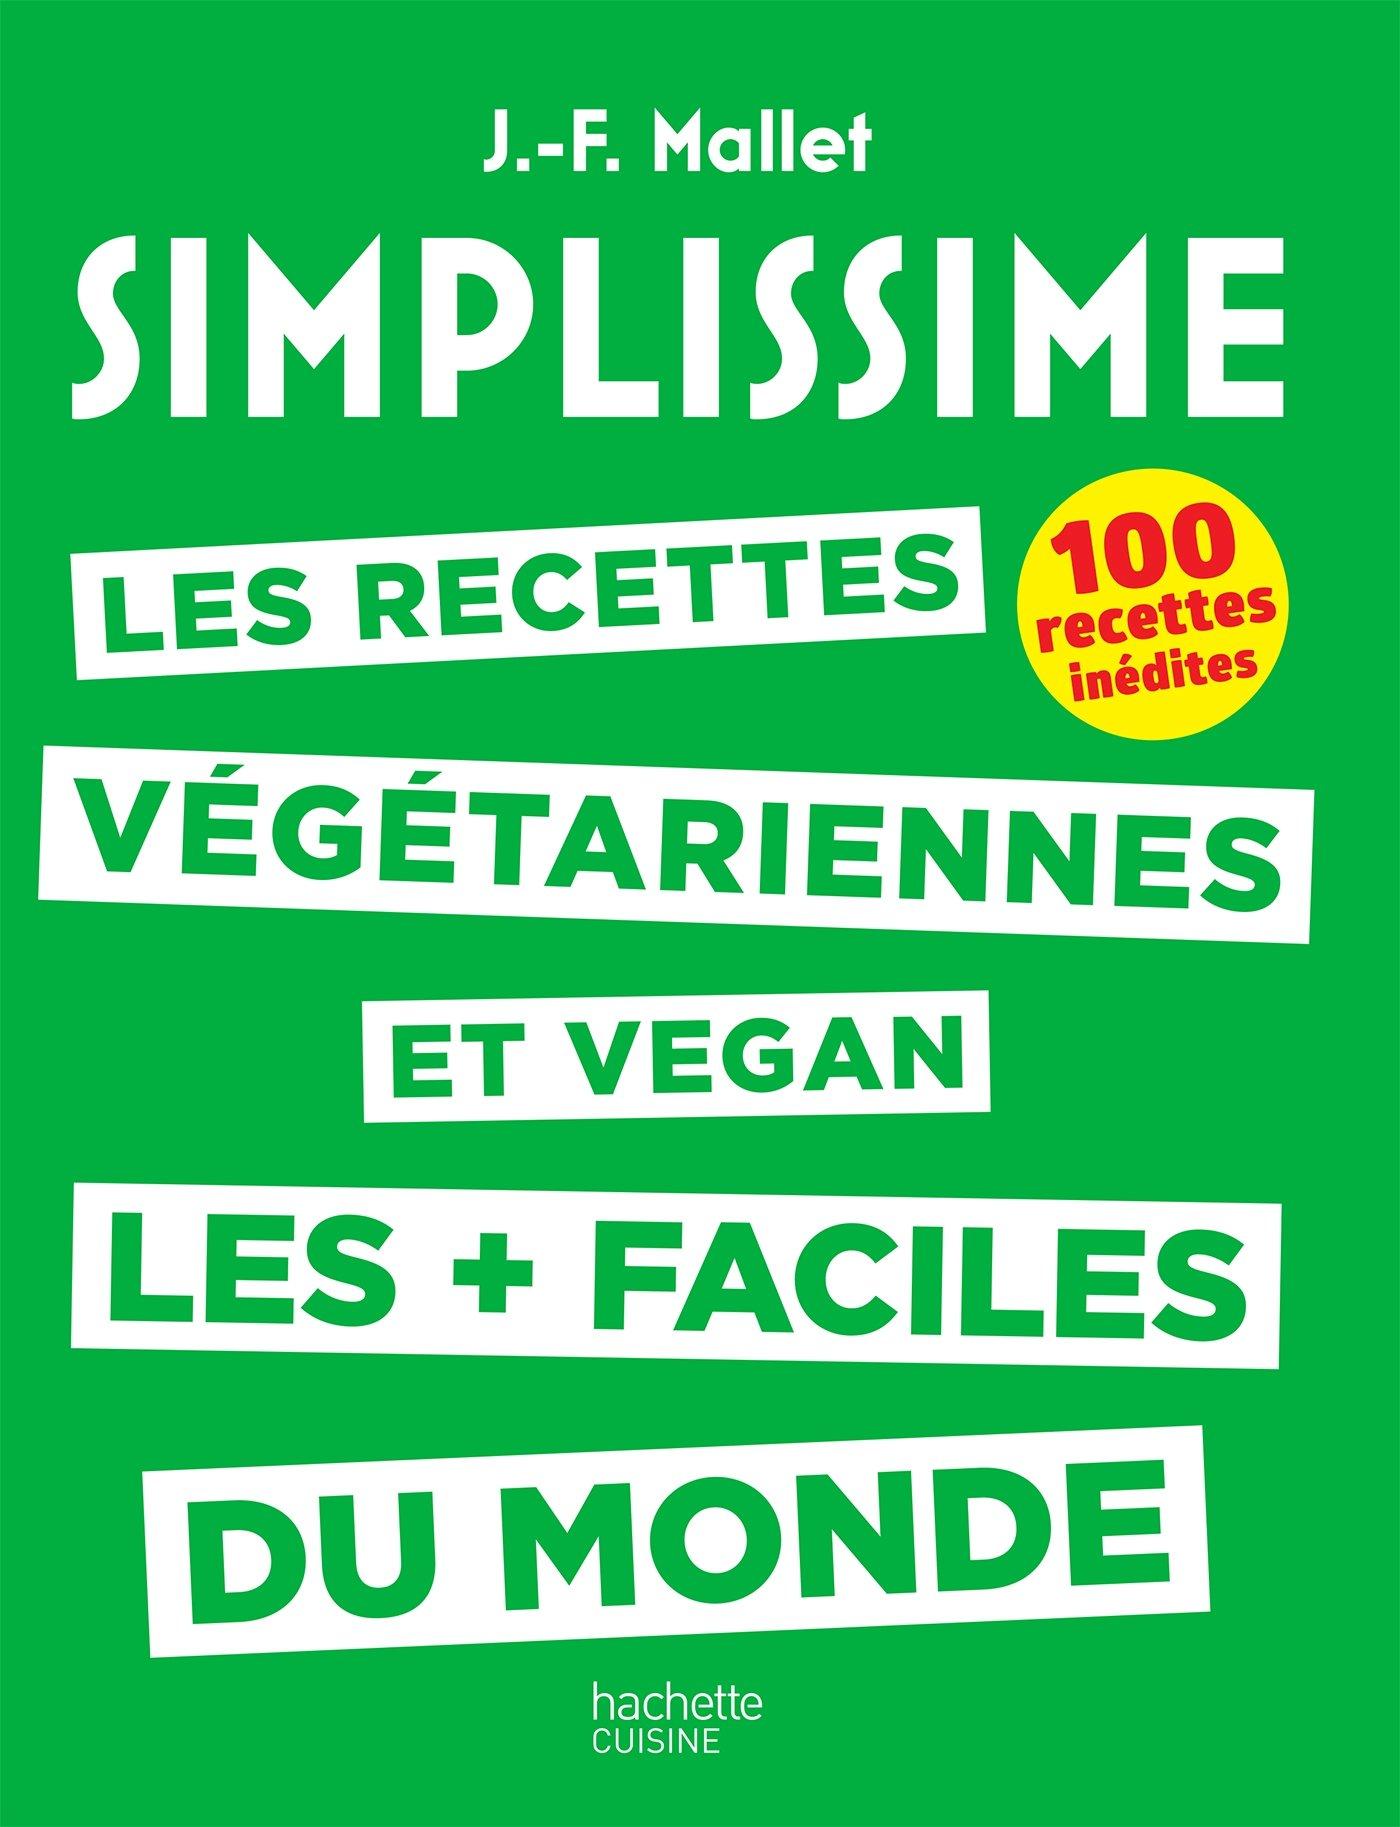 Les recettes végétariennes et vegan les + faciles du monde : 100 recettes inédites